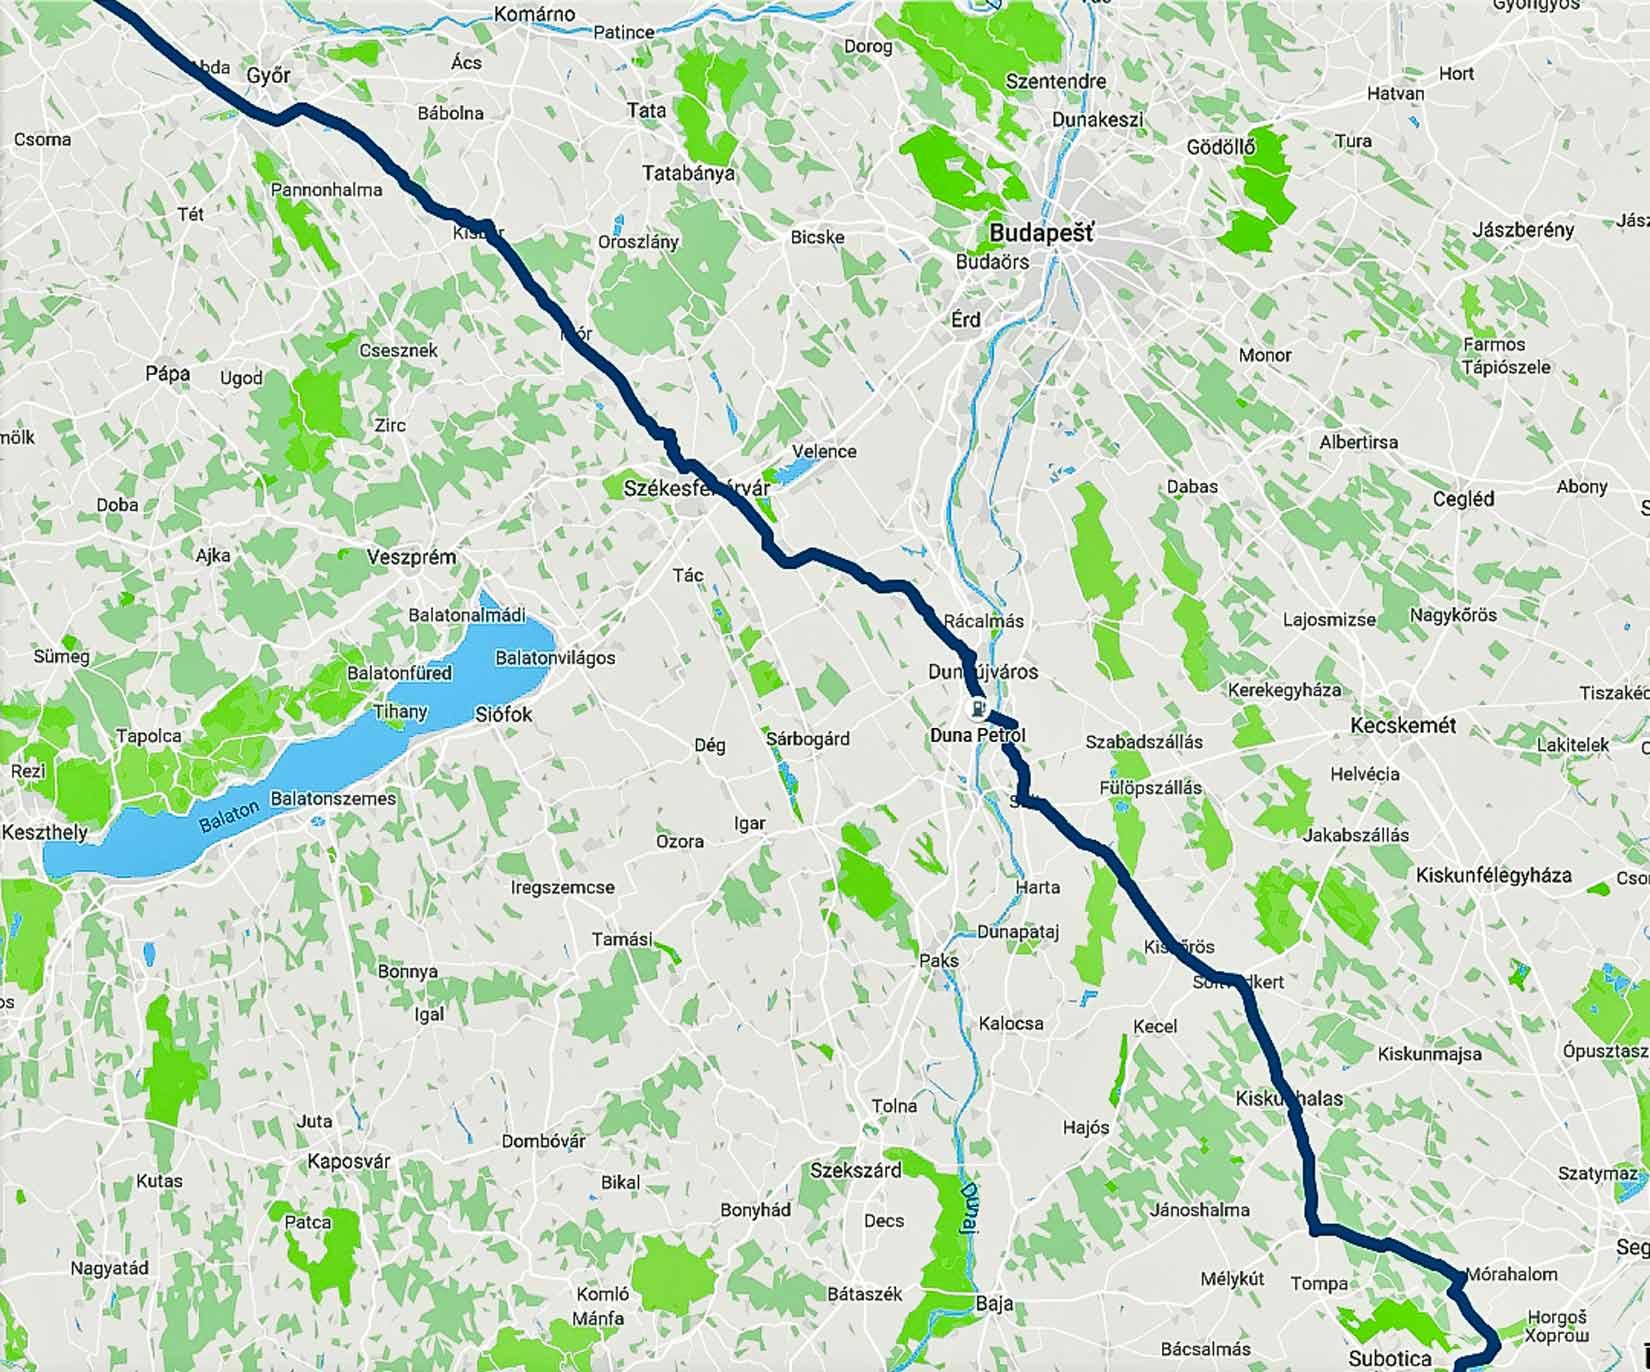 Naše trasa Maďarskem mimo dálnici tak, jak ji zaznamenal Velký Bratr do Google maps v Časové ose.